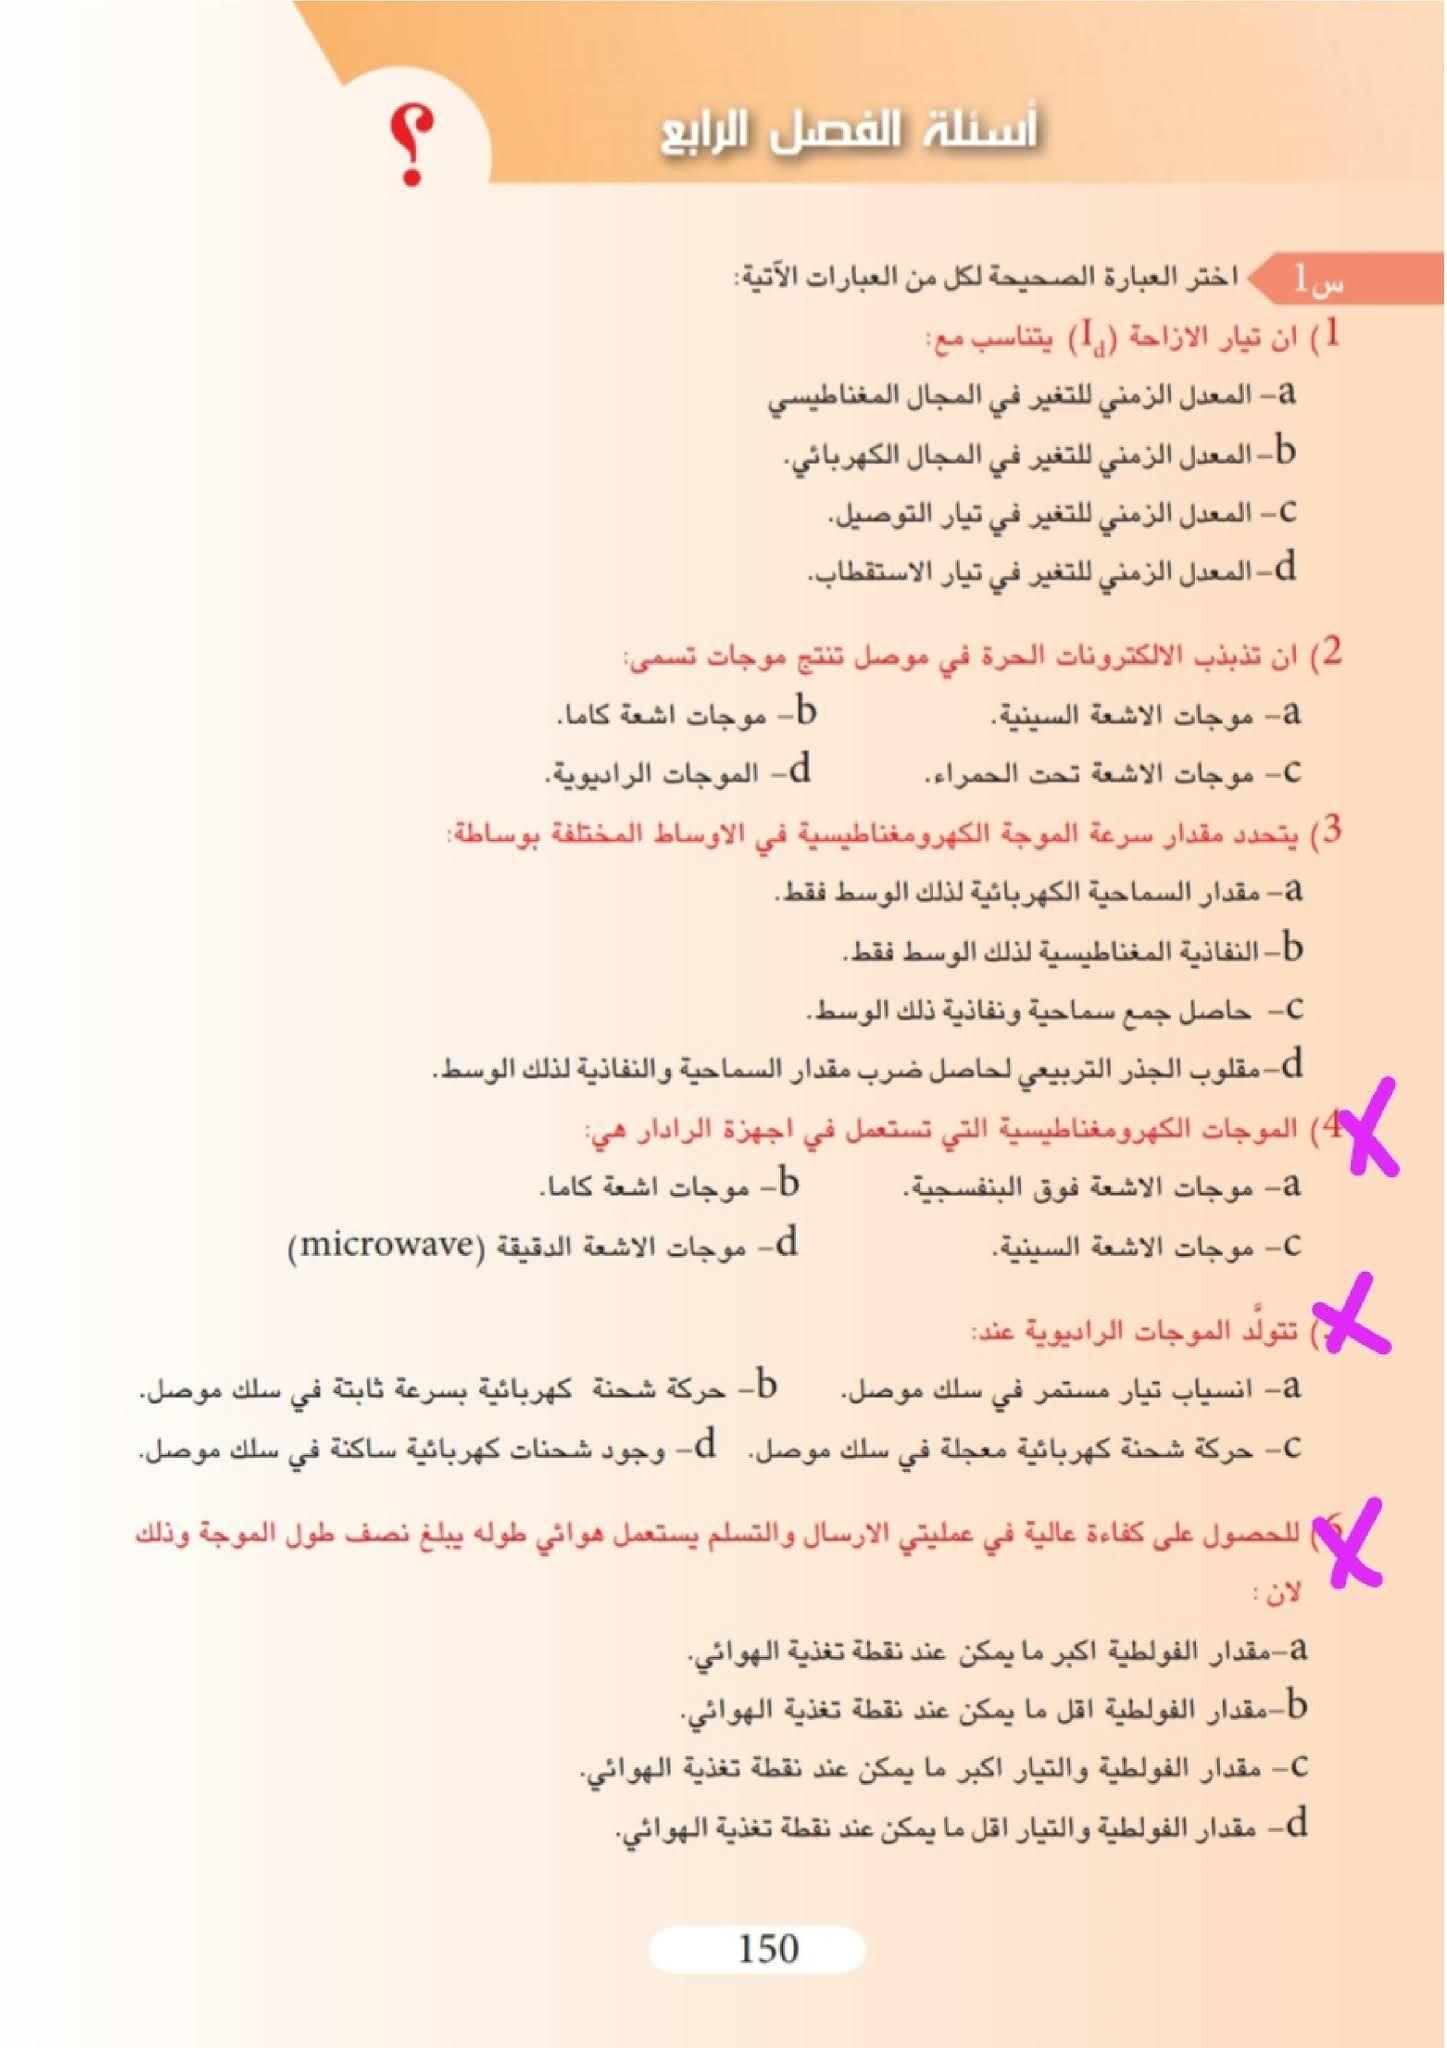 تاشير بالصور على الكتاب حذوفات اسئلة الفصول لمادة الفيزياء سادس تطبيقي اهلا بكم متابعي موقع وقناة الاستاذ احمد مهدي شلال في هذا الموضوع Blog Posts Blog Post